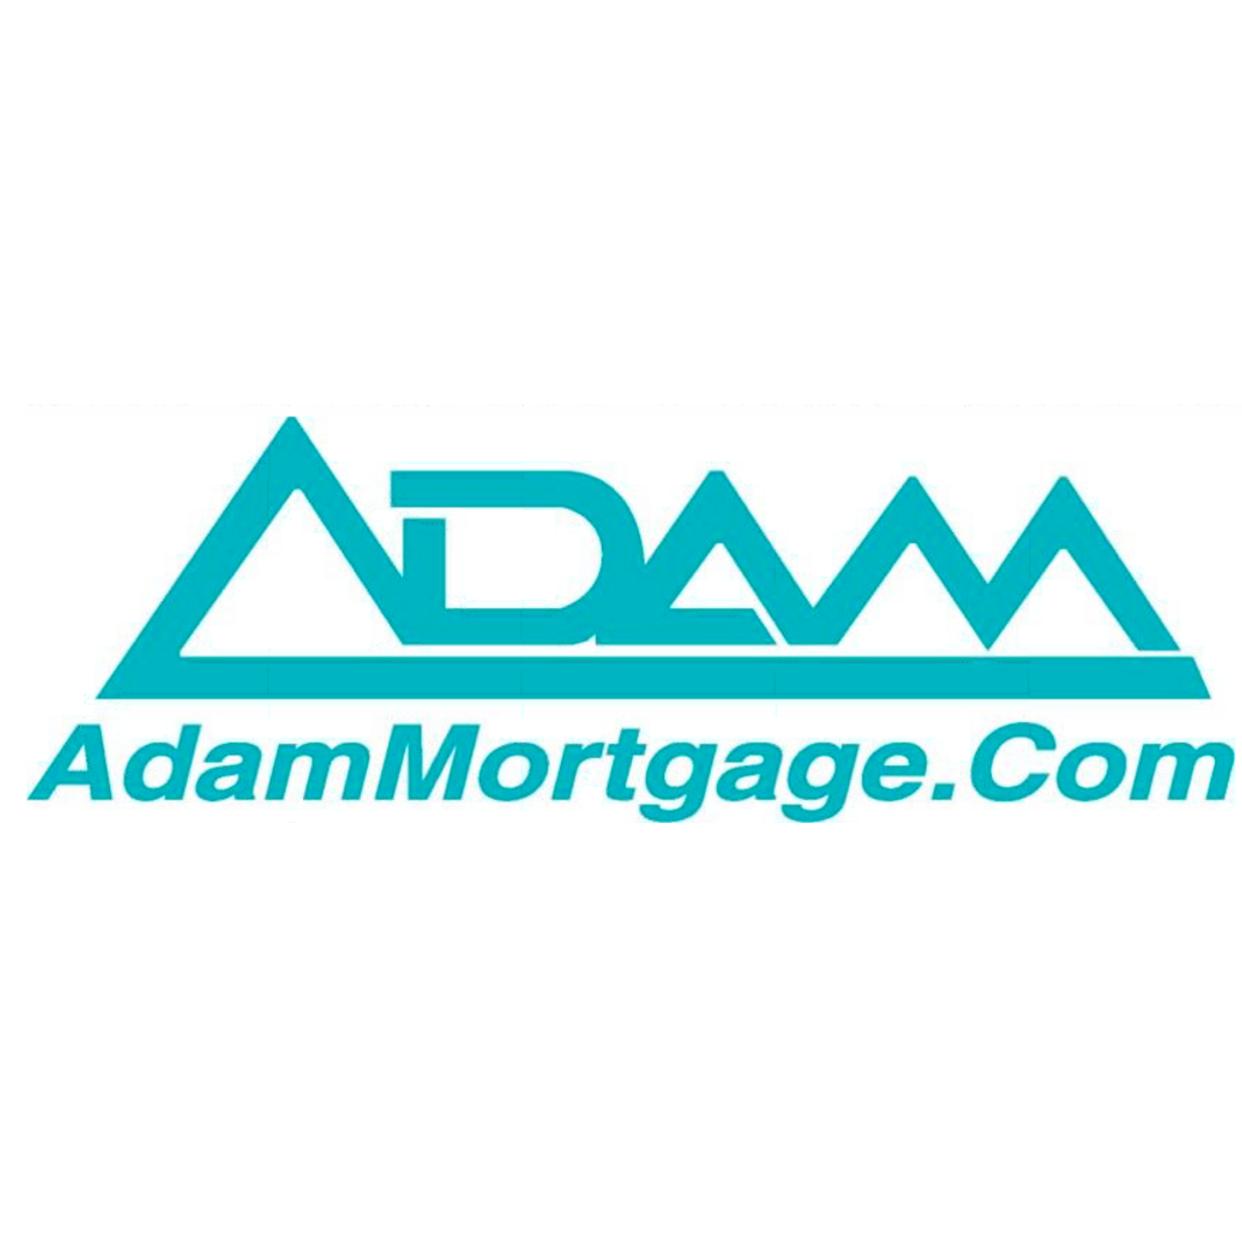 Adam Mortgage Company